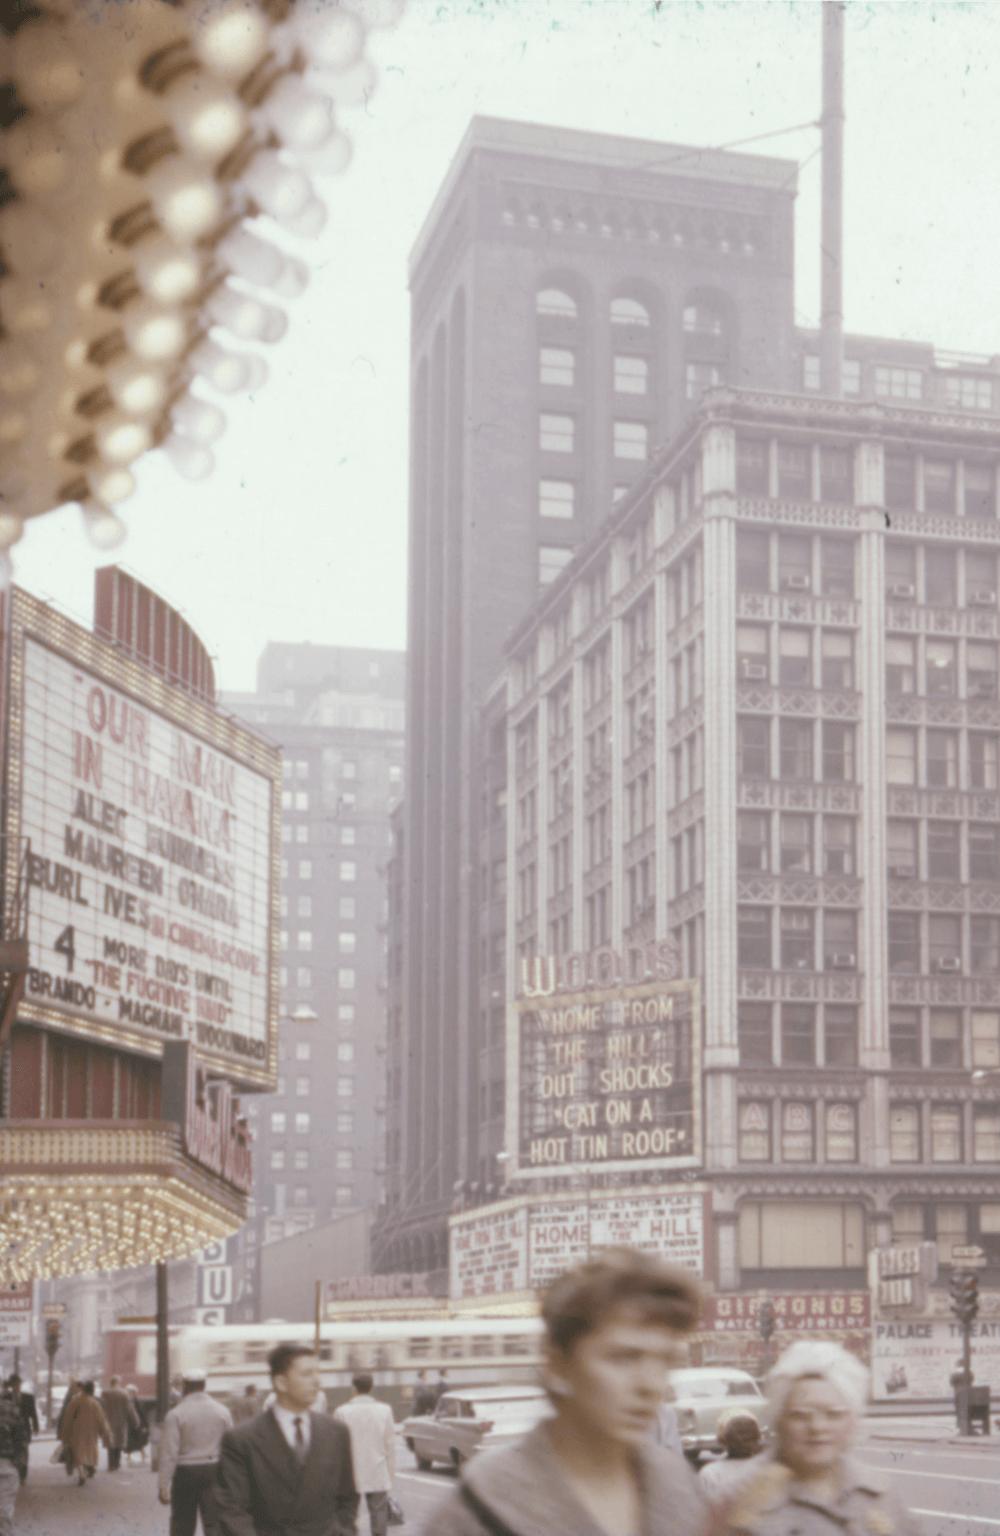 Fernando Távora, Fotografia, Chicago, EUA, 1960